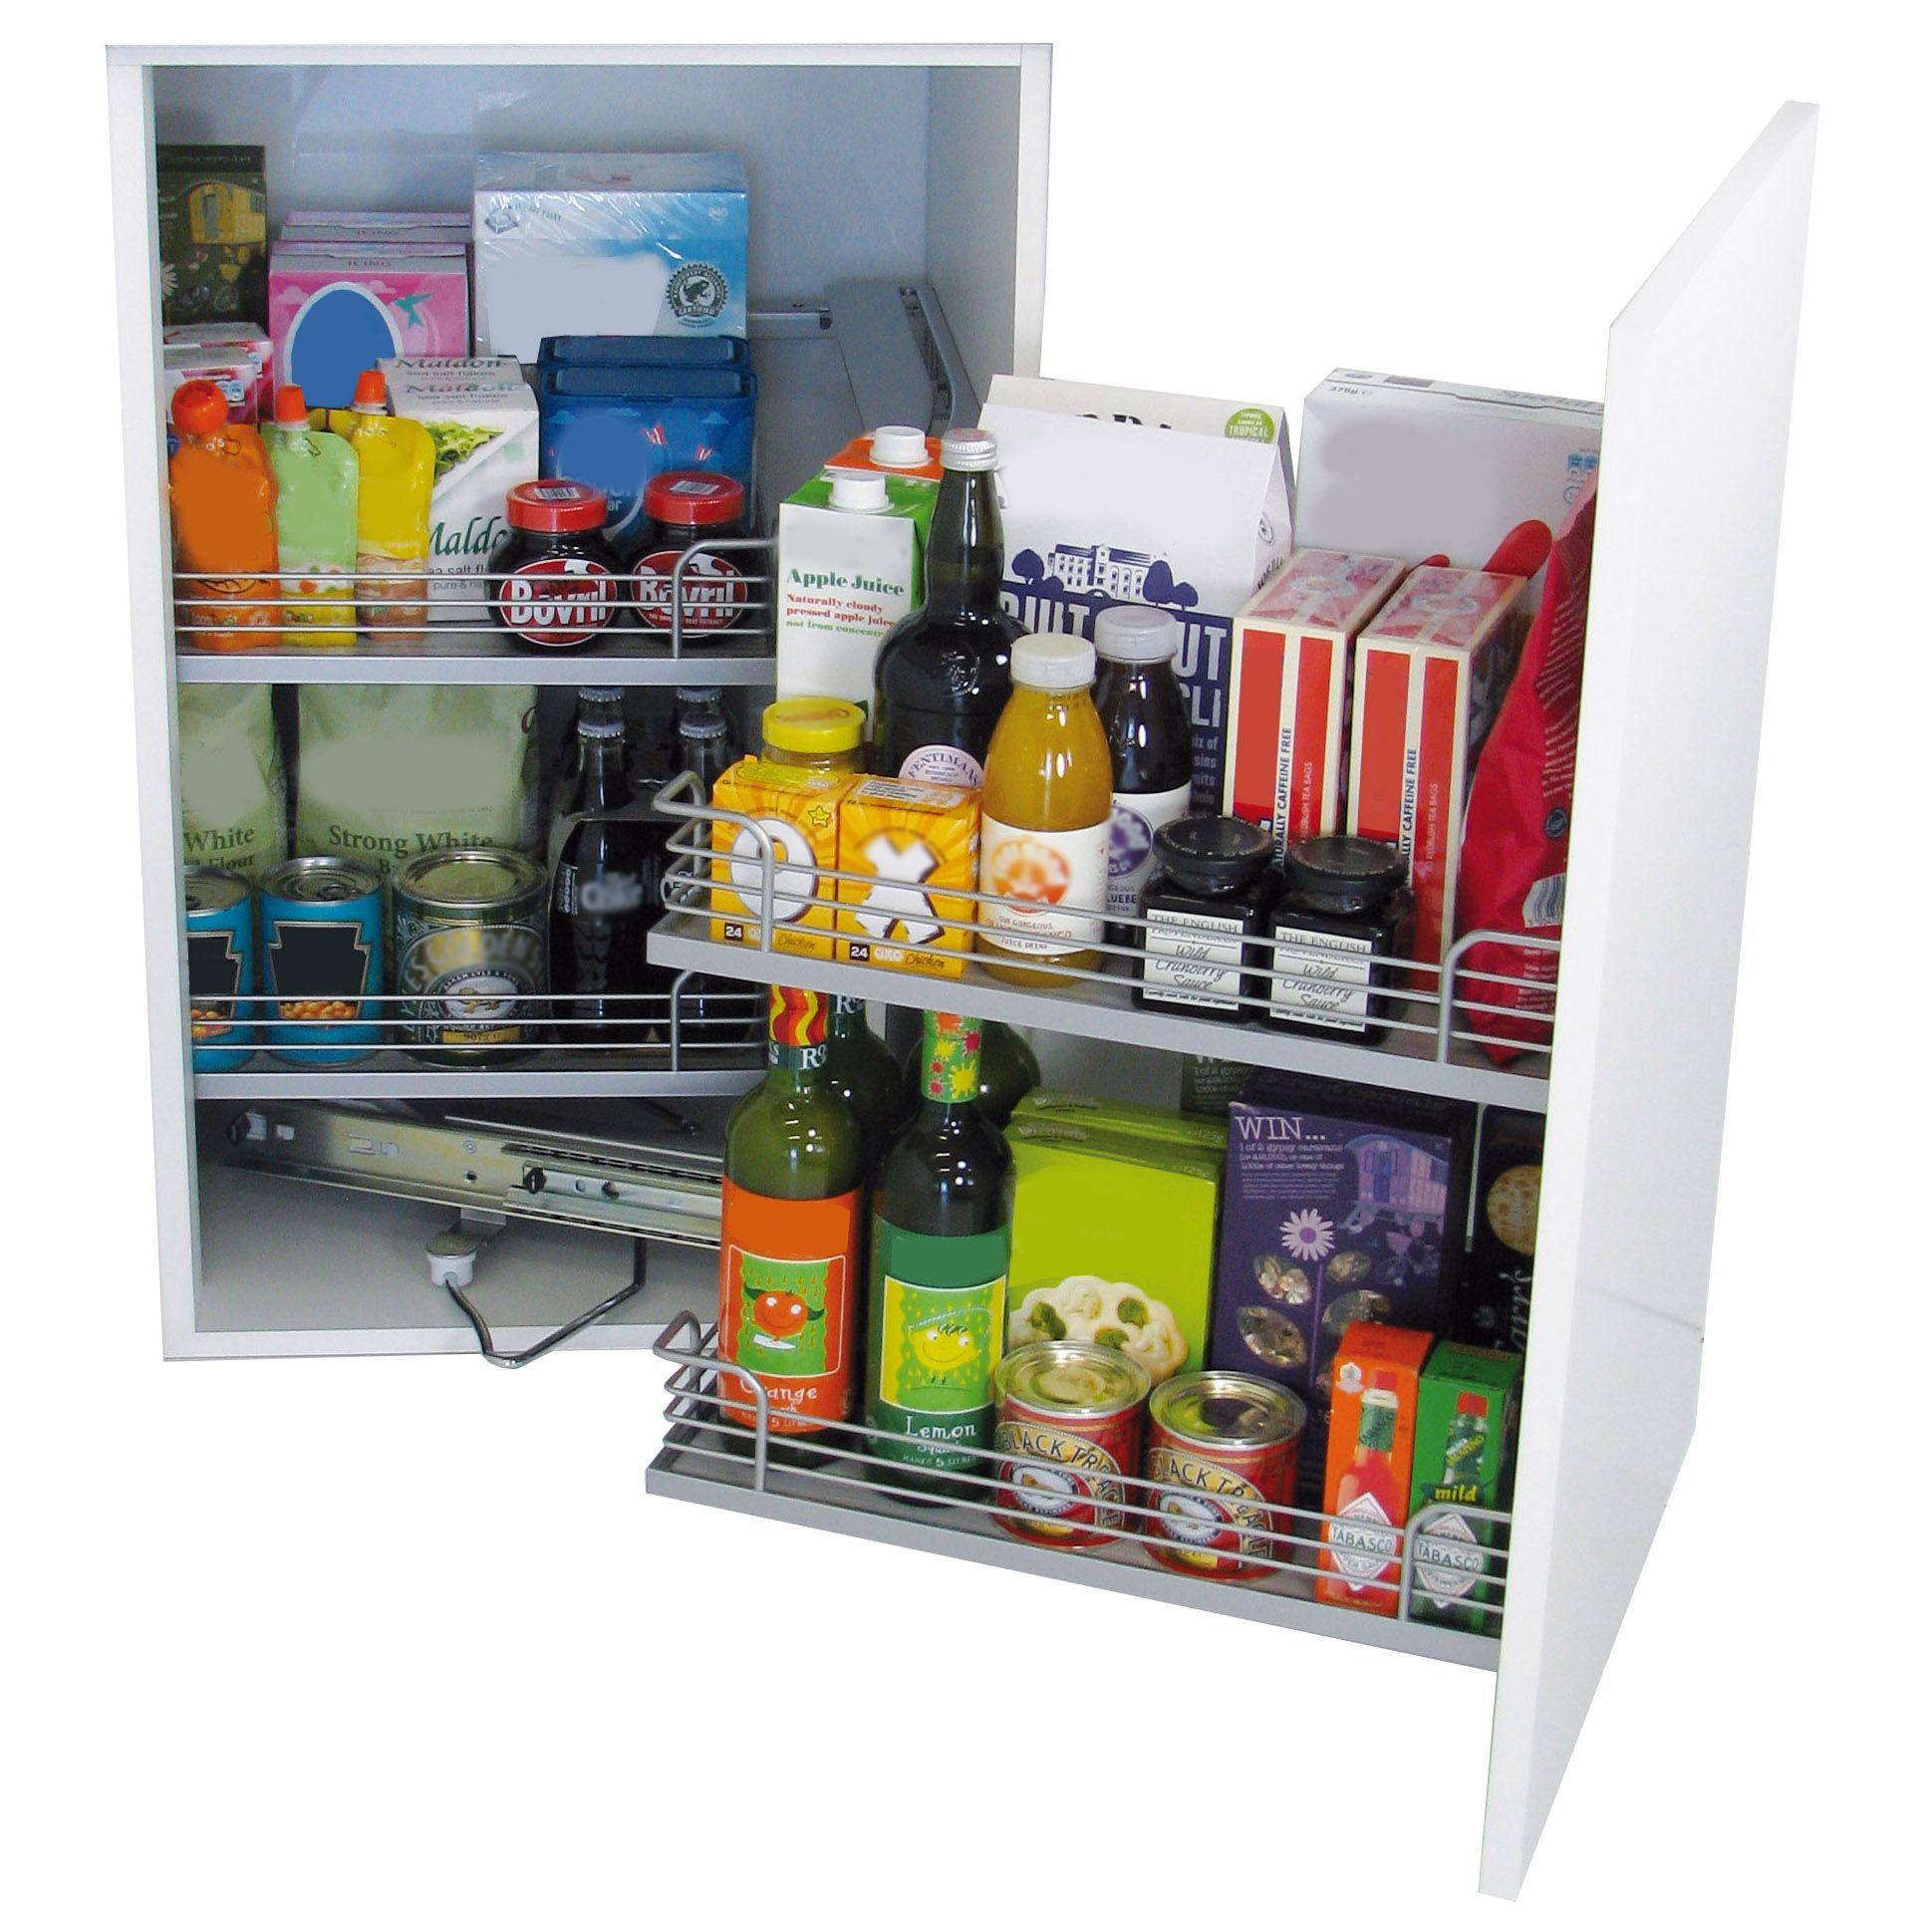 Kesseböhmer Rh Magic Corner Cabinet Storage, 900-1000mm